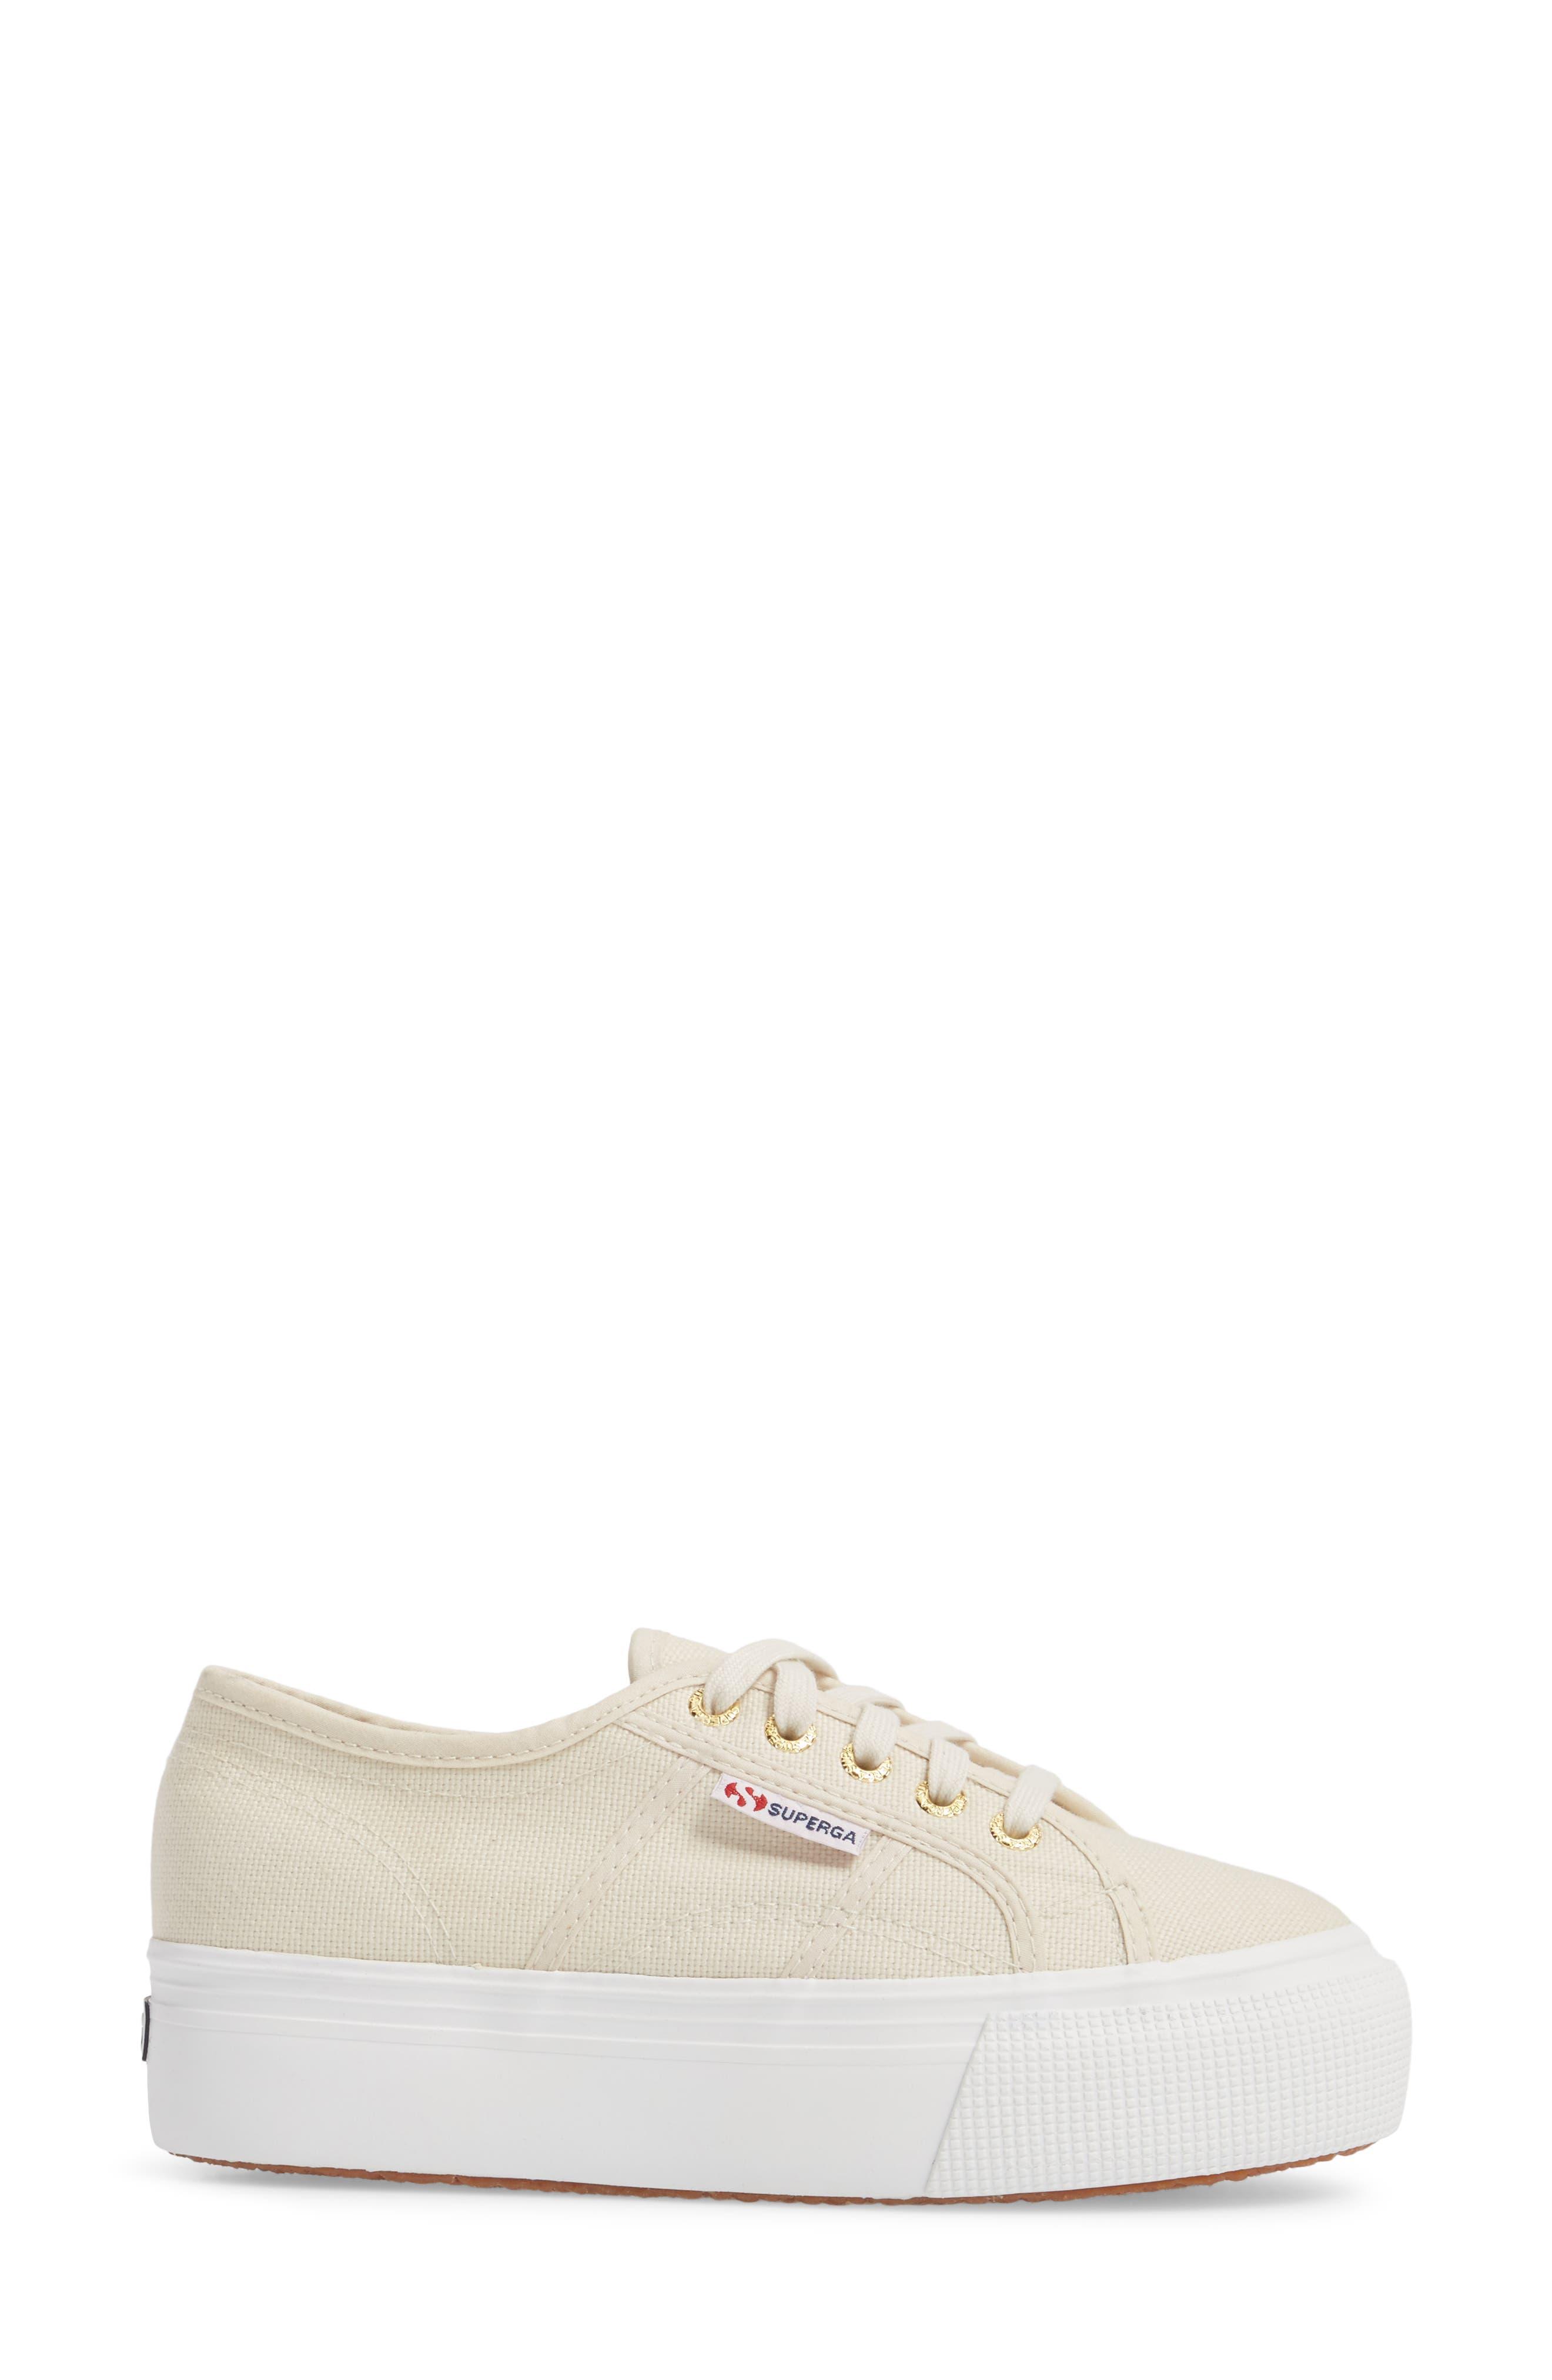 'Acot Linea' Sneaker,                             Alternate thumbnail 3, color,                             Cafe Noir/ Cafe Noir